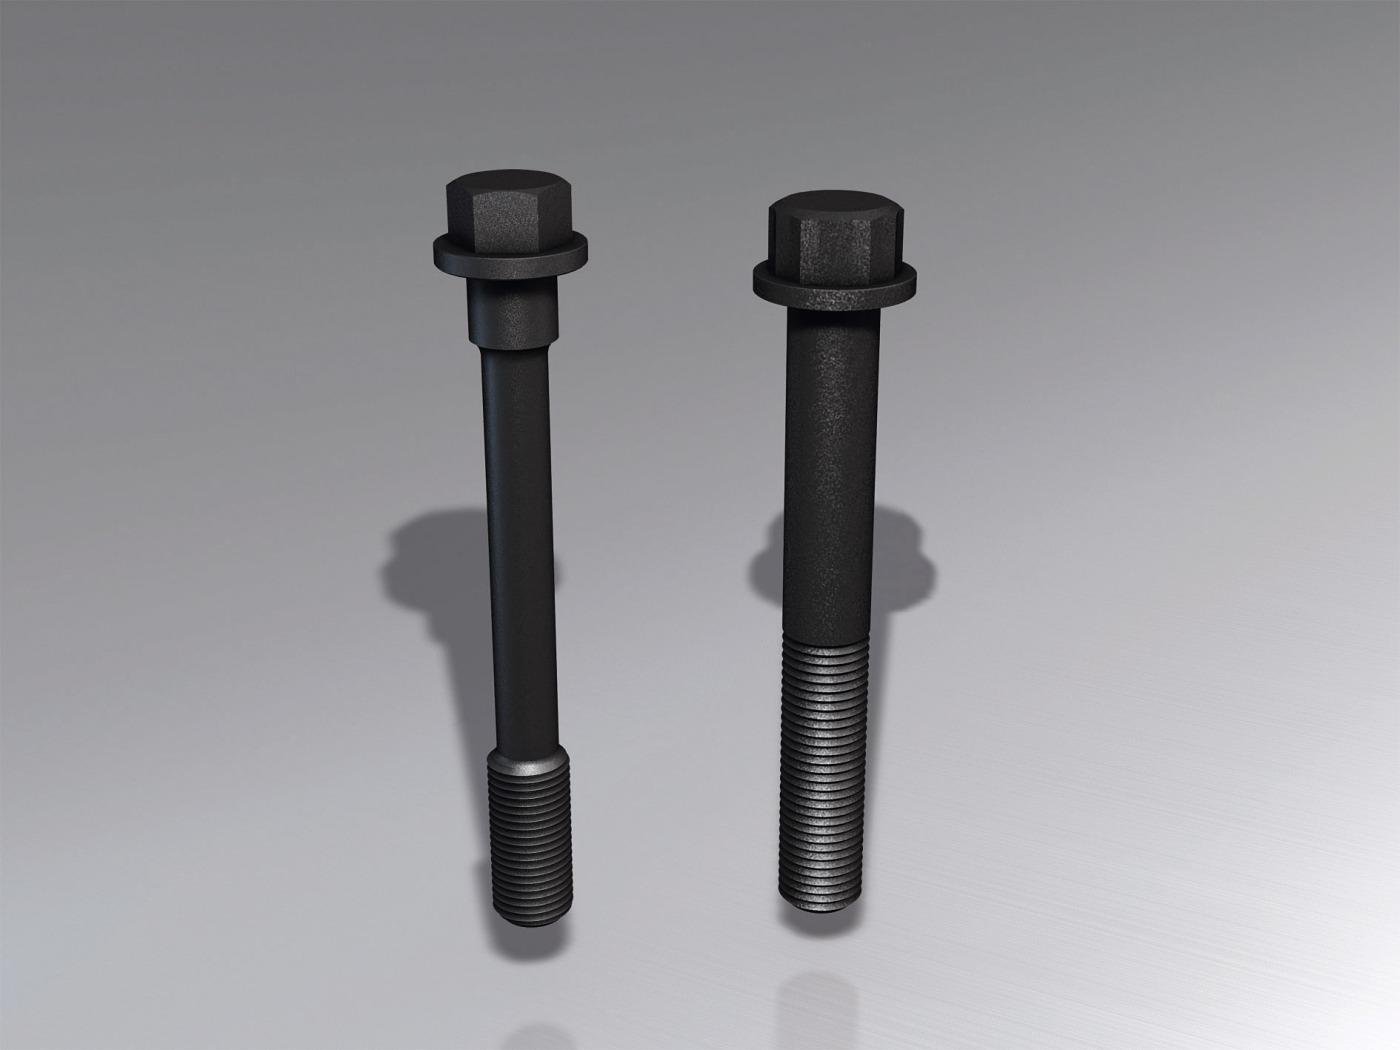 Vergleich Dehnschraube/normale Schraube